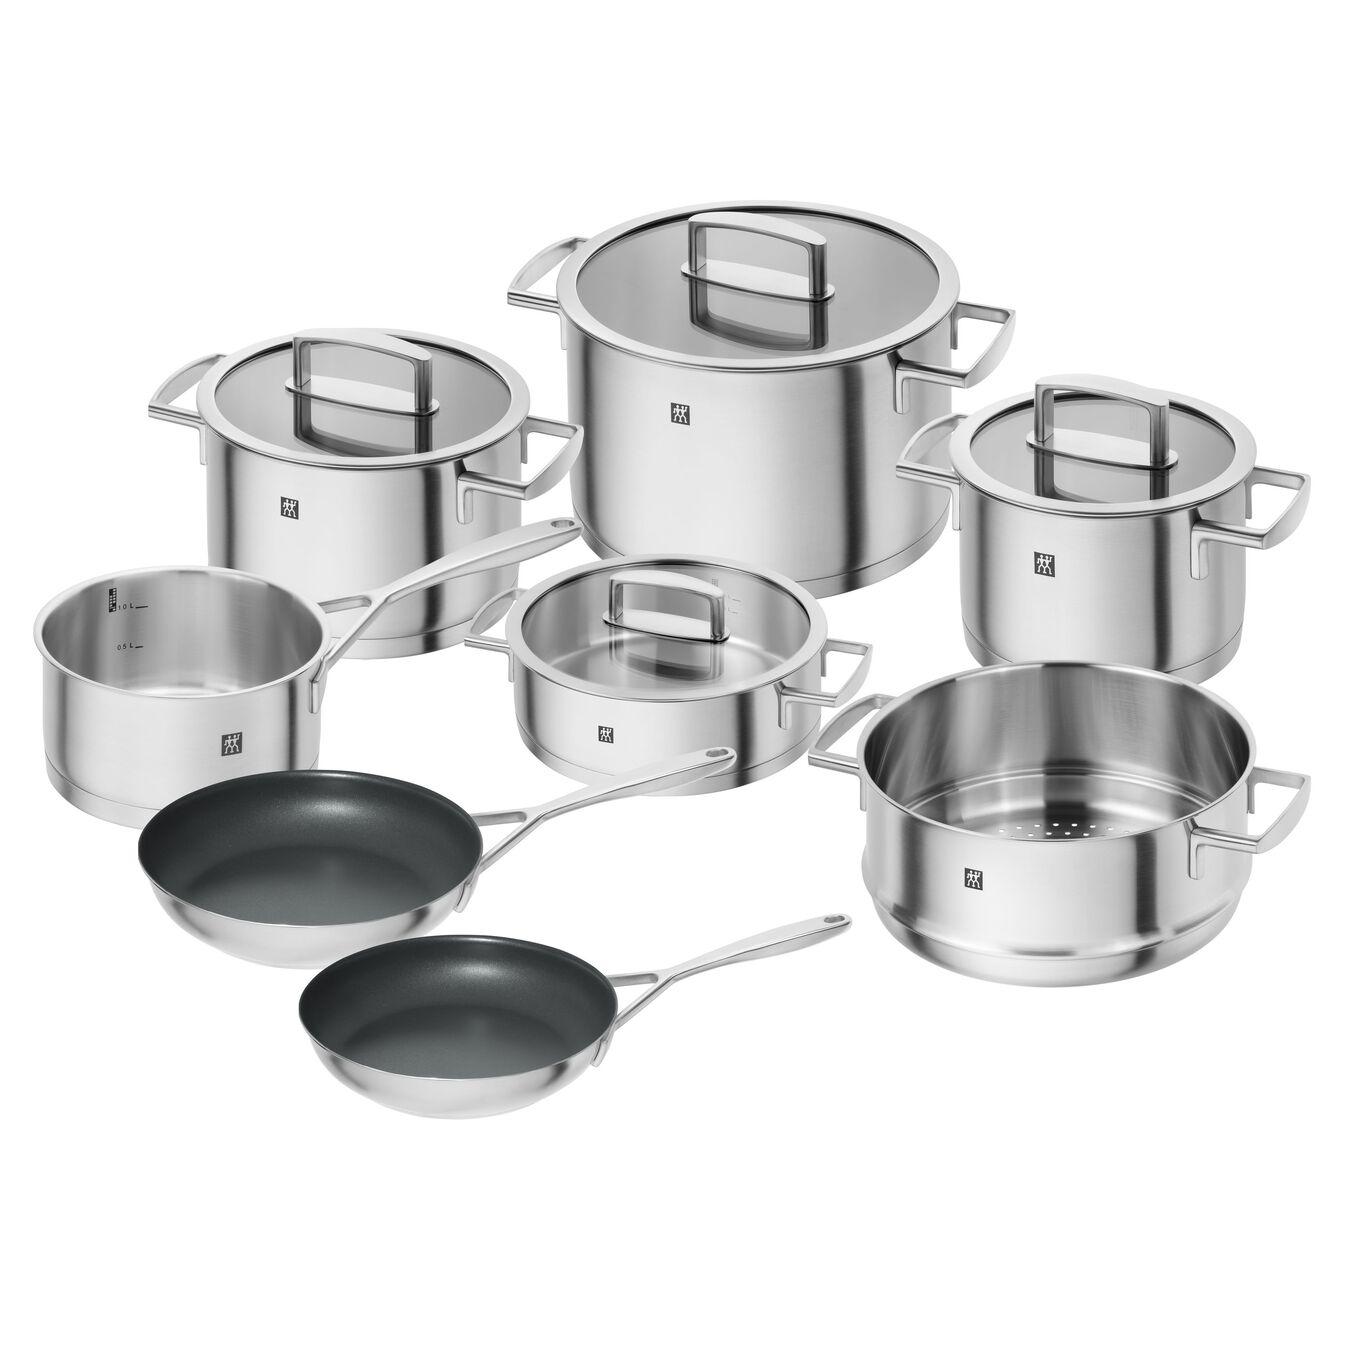 Ensemble de casseroles et poêles 8-pcs, Acier inoxydable,,large 1